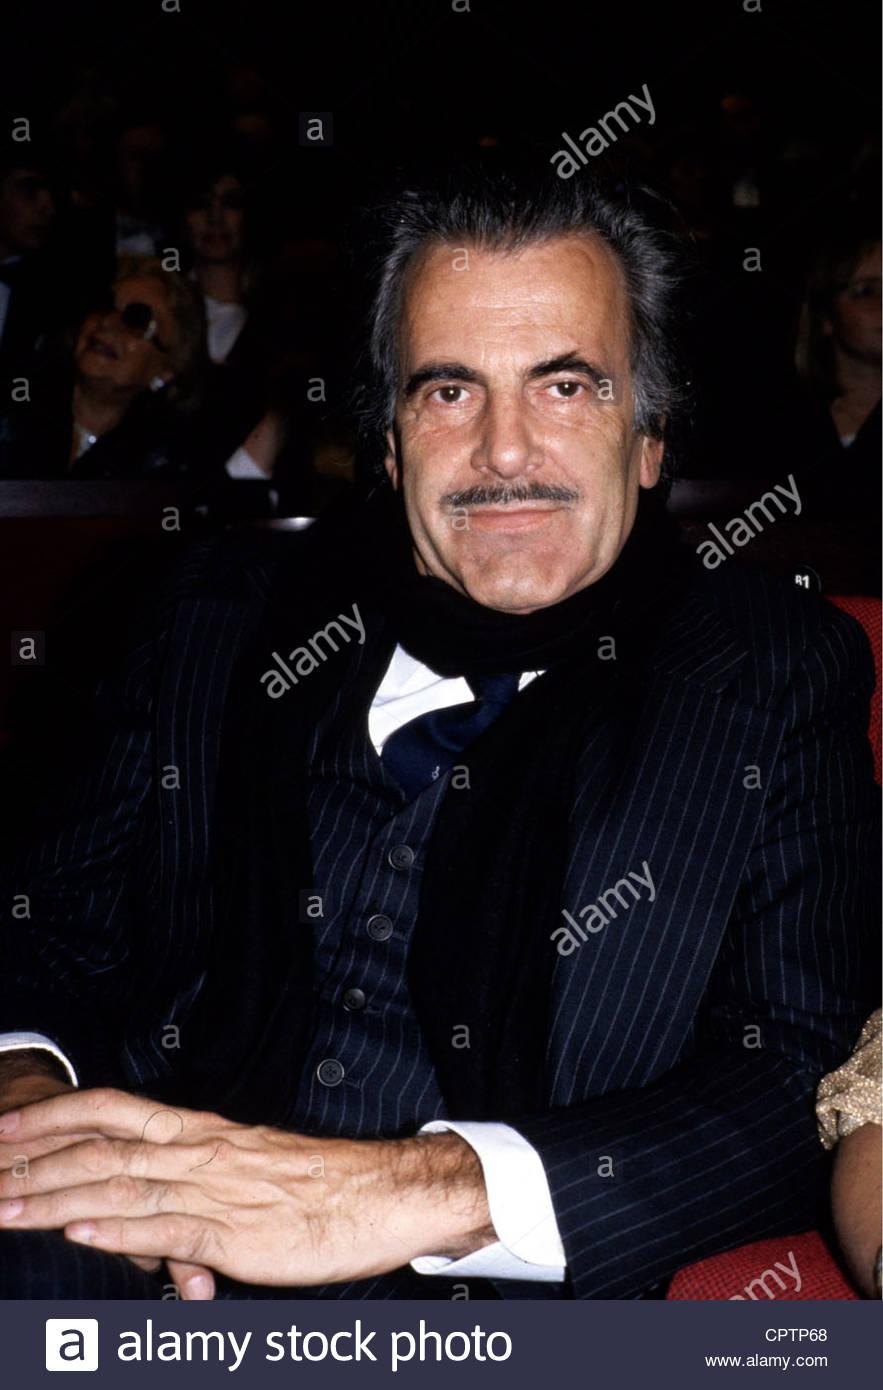 Schell, Massimiliano, * 8.12.1930, attore austriaco, ritratto, degli anni ottanta, baffi, sciarpa, Immagini Stock